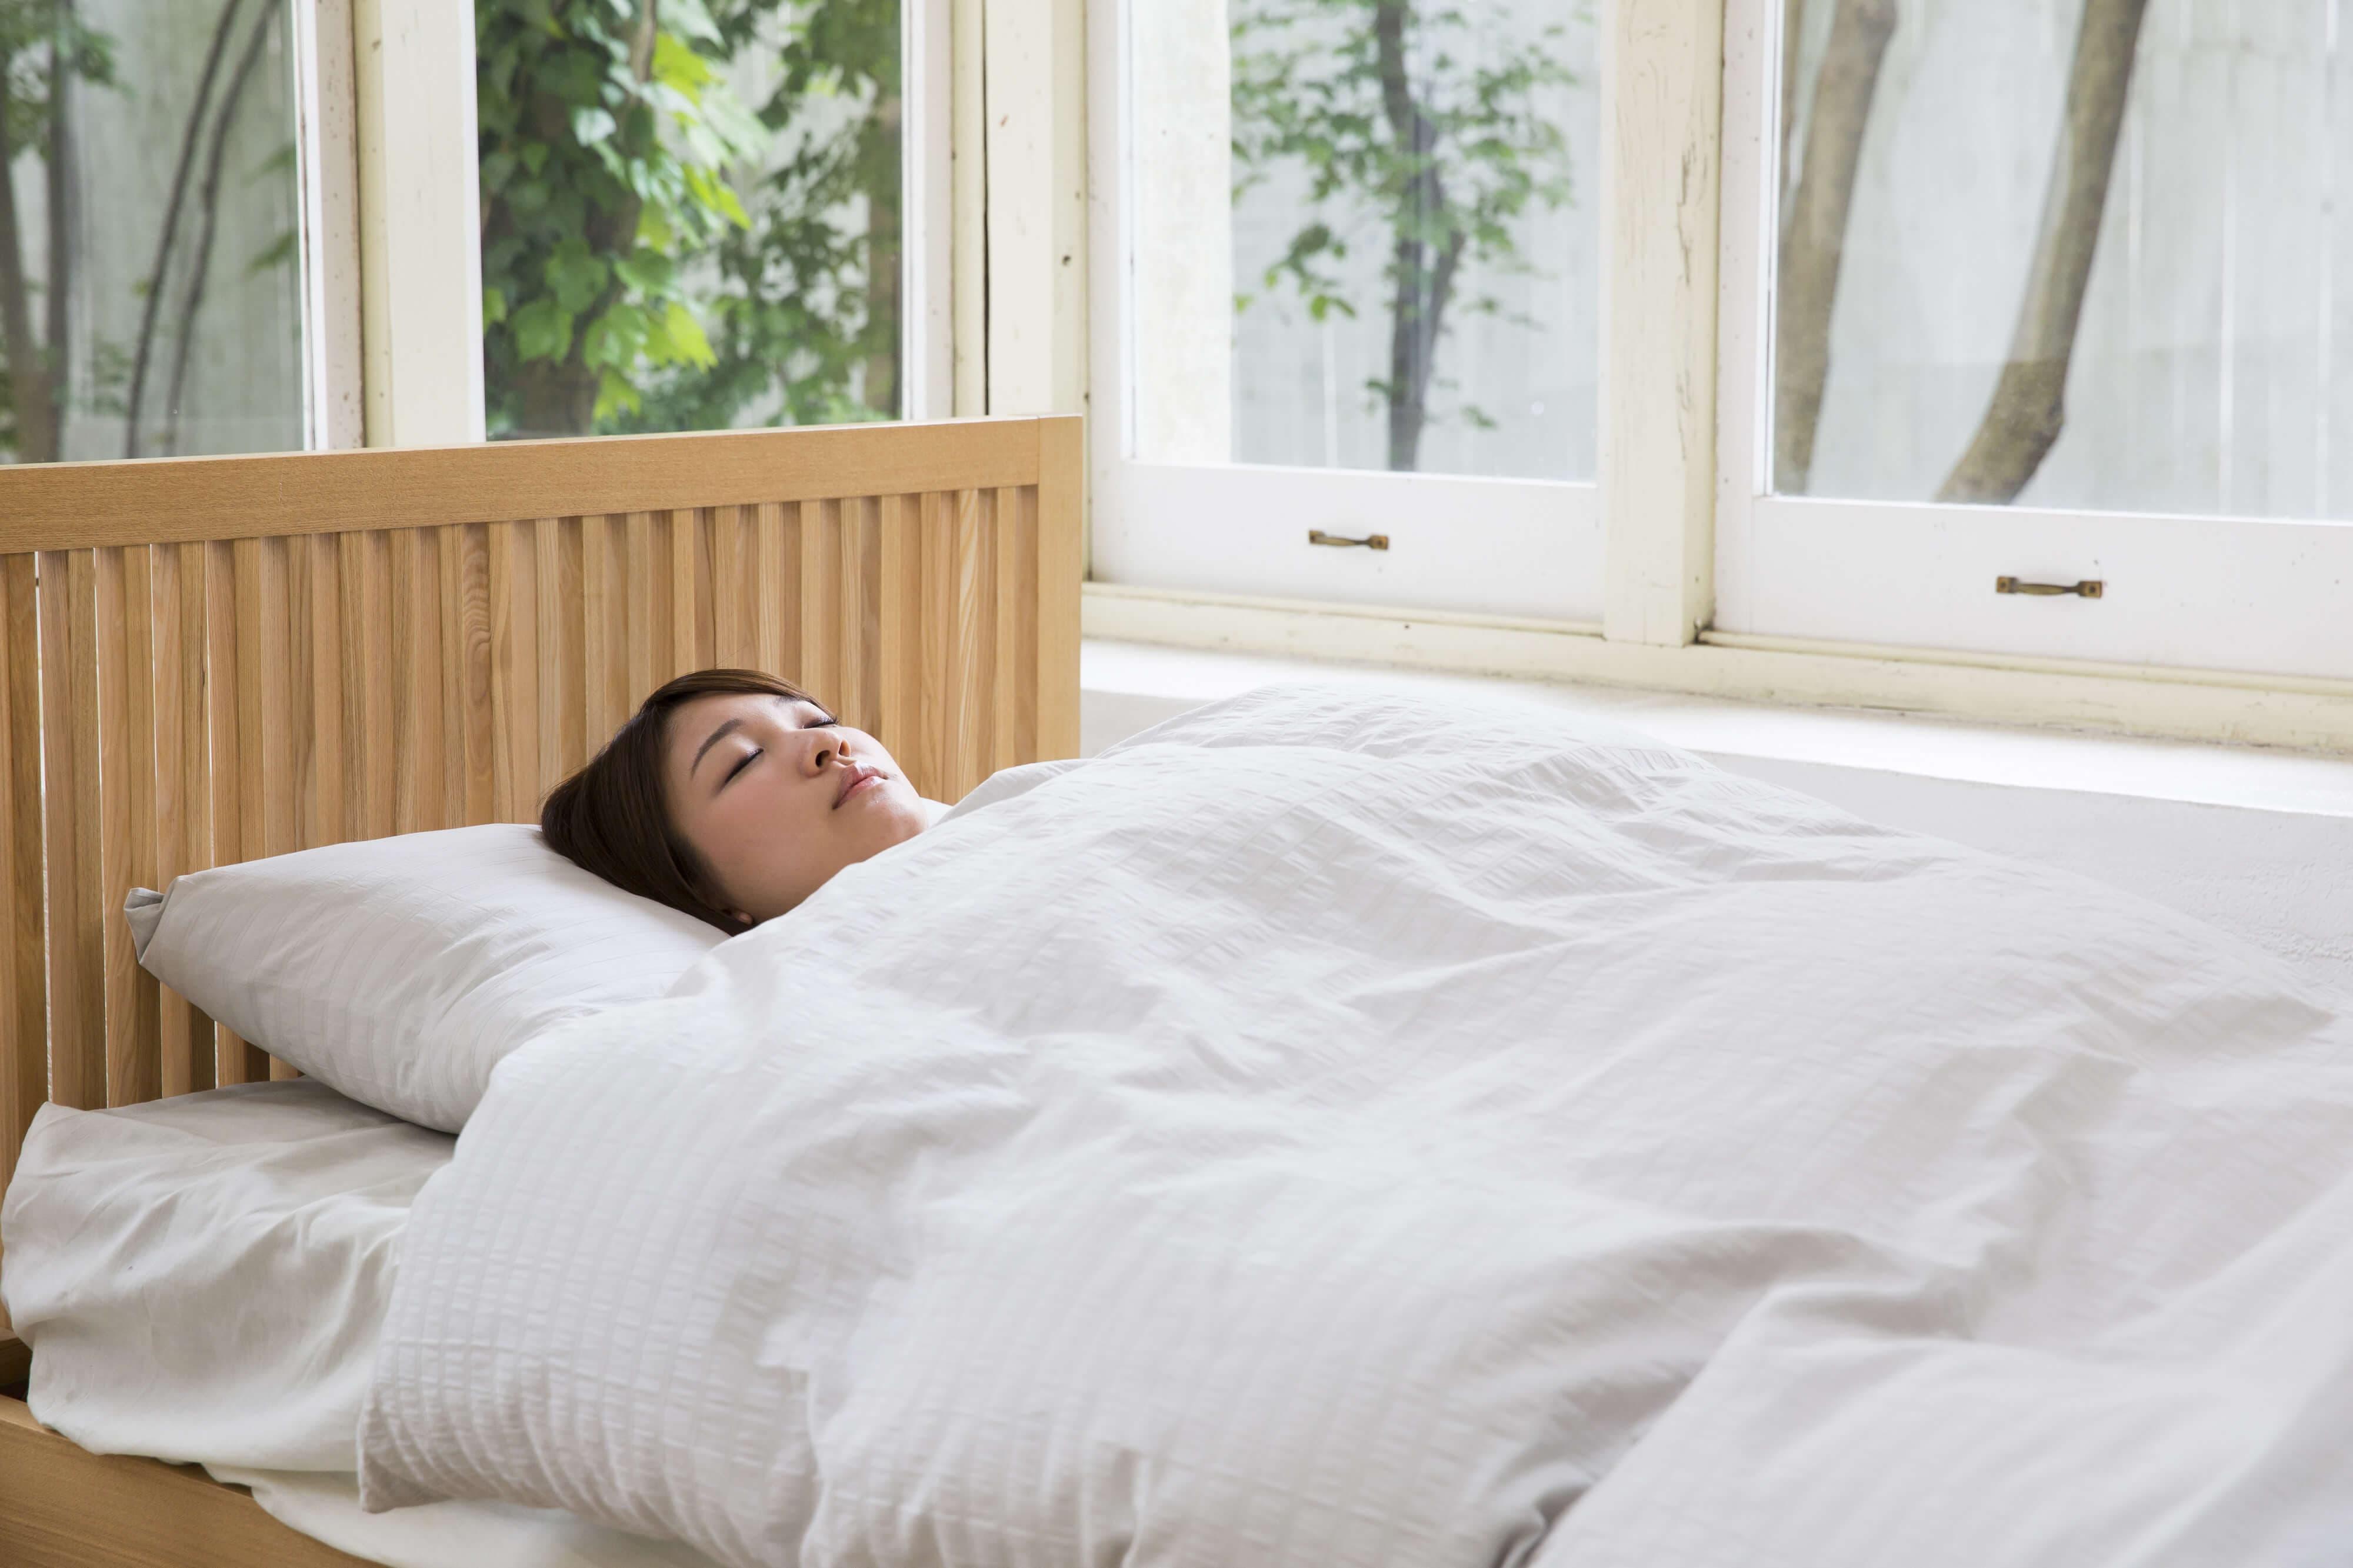 切迫流産で自宅安静に…生活範囲はどこまで制限される?